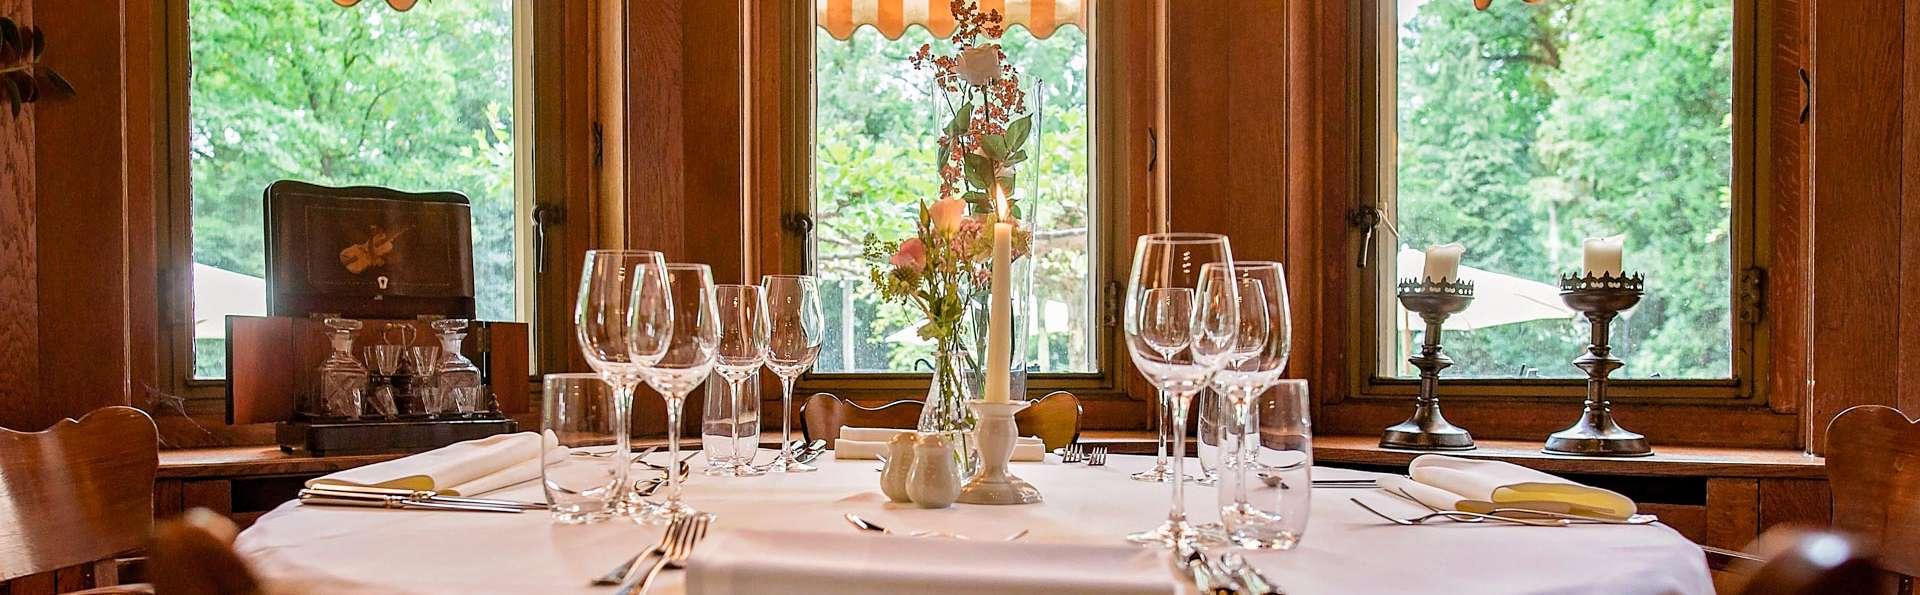 Luxe, confort et plaisir culinaire au Landgoed Huize Bergen